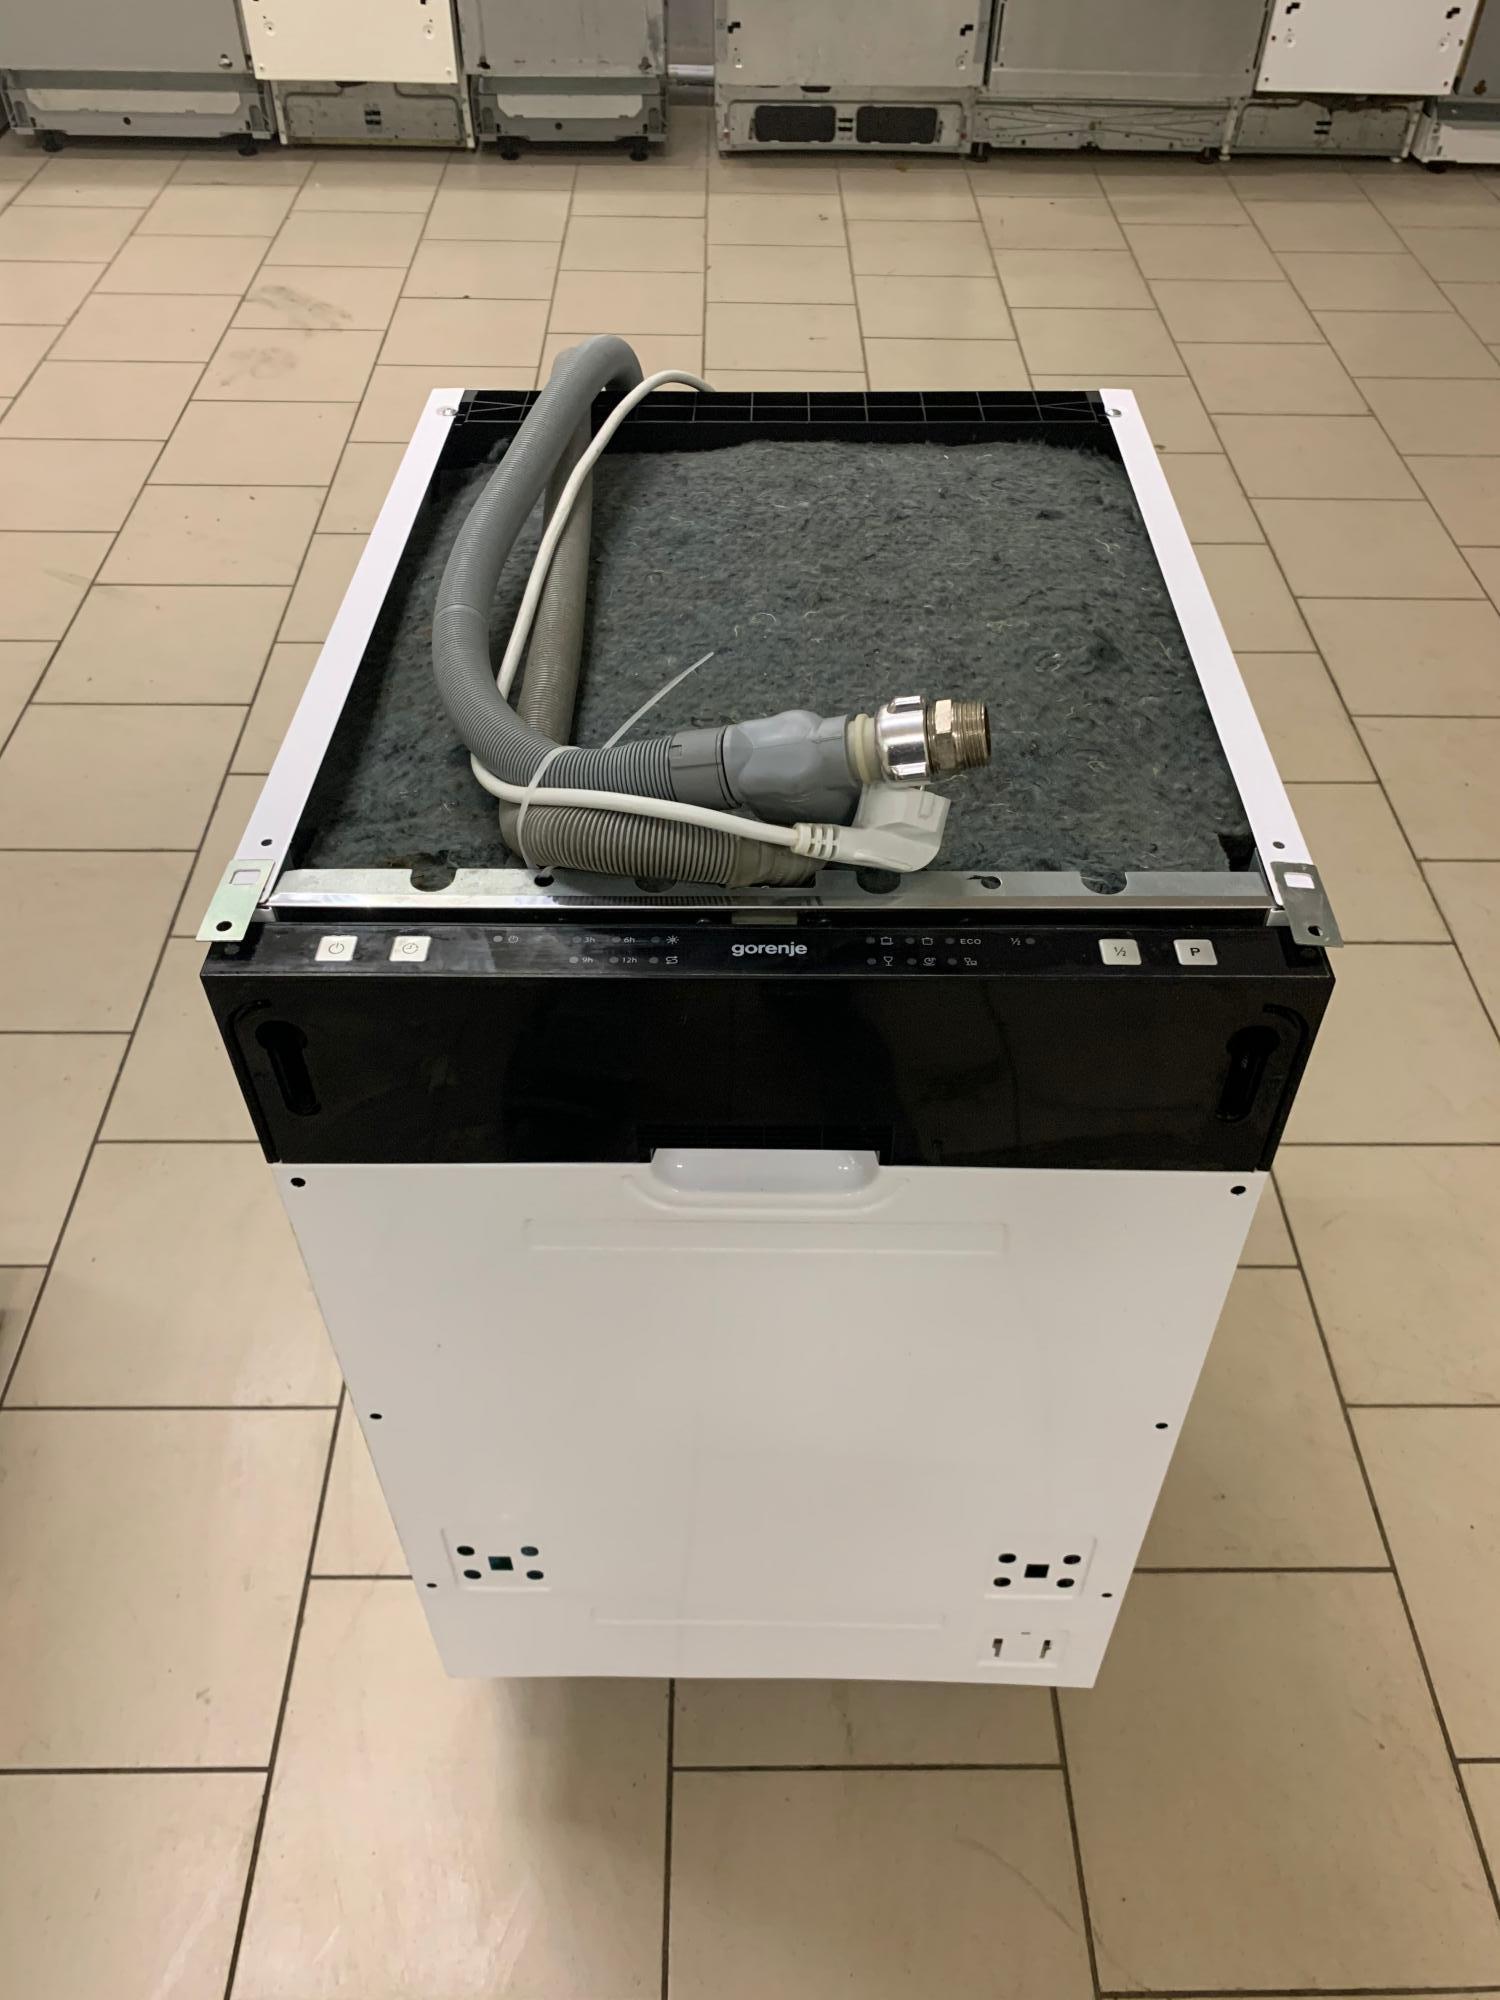 Посудомоечная машина б/у Gorenje GV51211 в Москве 89264600406 купить 1